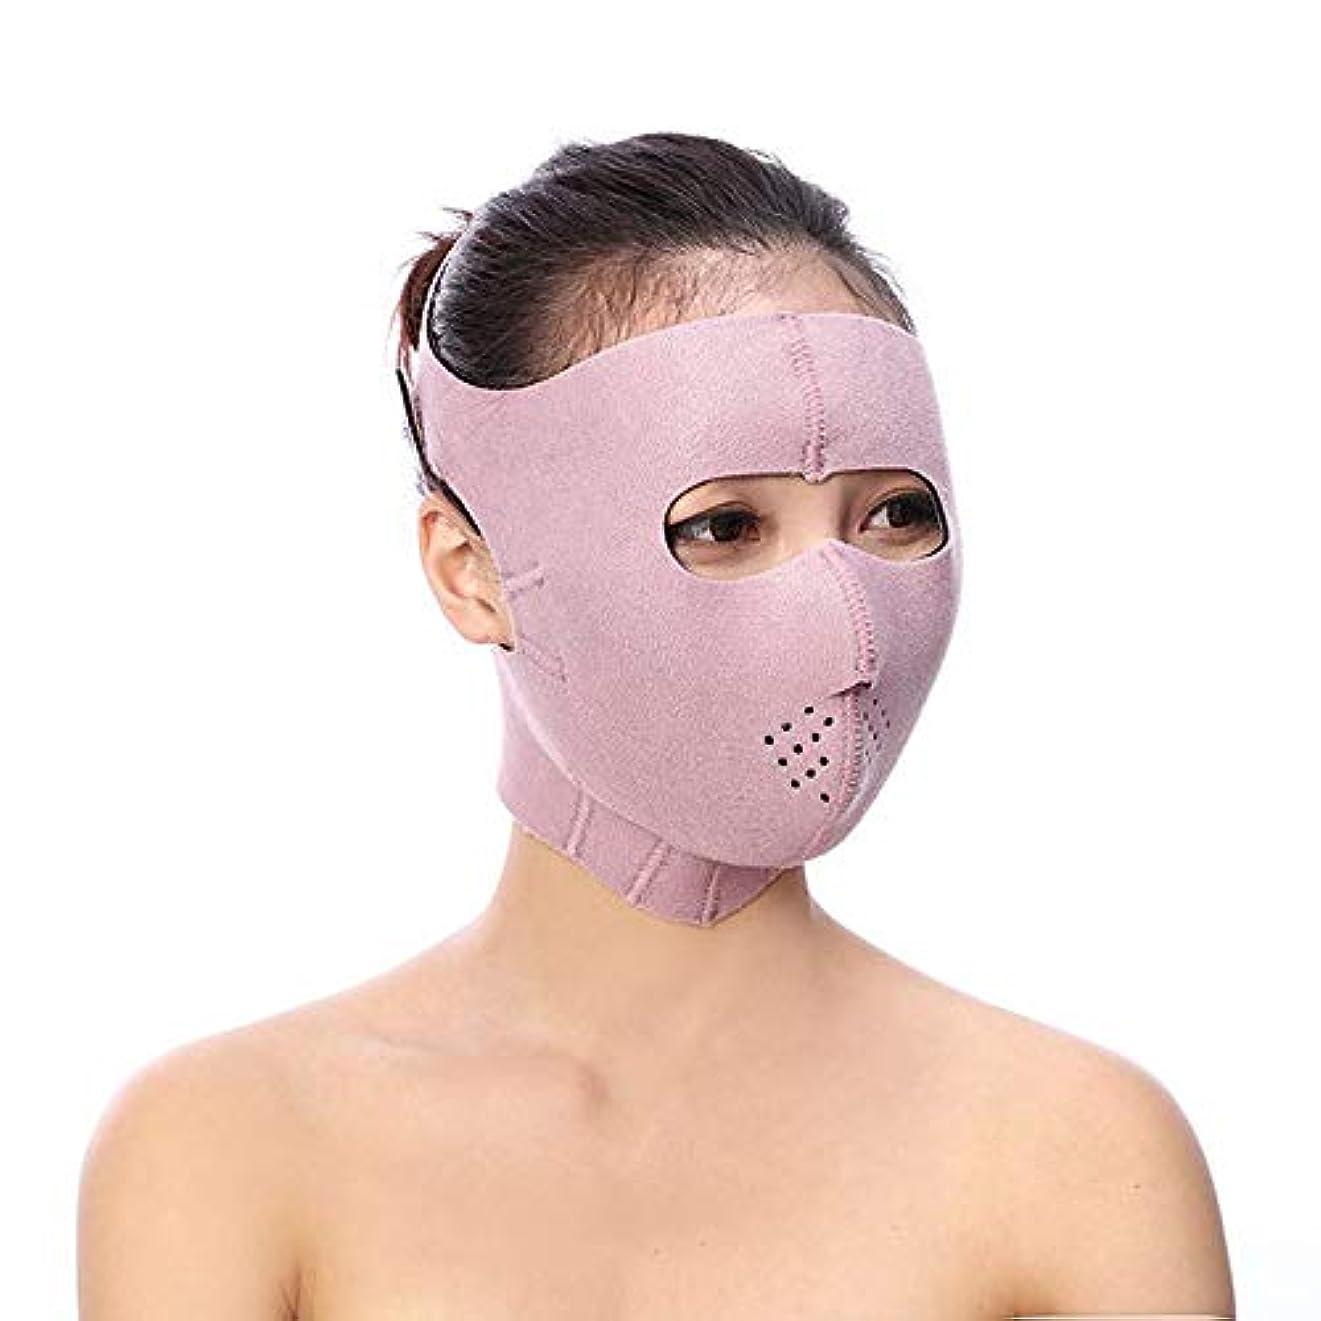 人物お嬢休暇XINGZHE フェイシャルリフティング痩身ベルト - Vフェイス包帯マスクフェイシャルマッサージャー無料の薄いフェイス包帯整形マスクを引き締める顔と首の顔スリム フェイスリフティングベルト